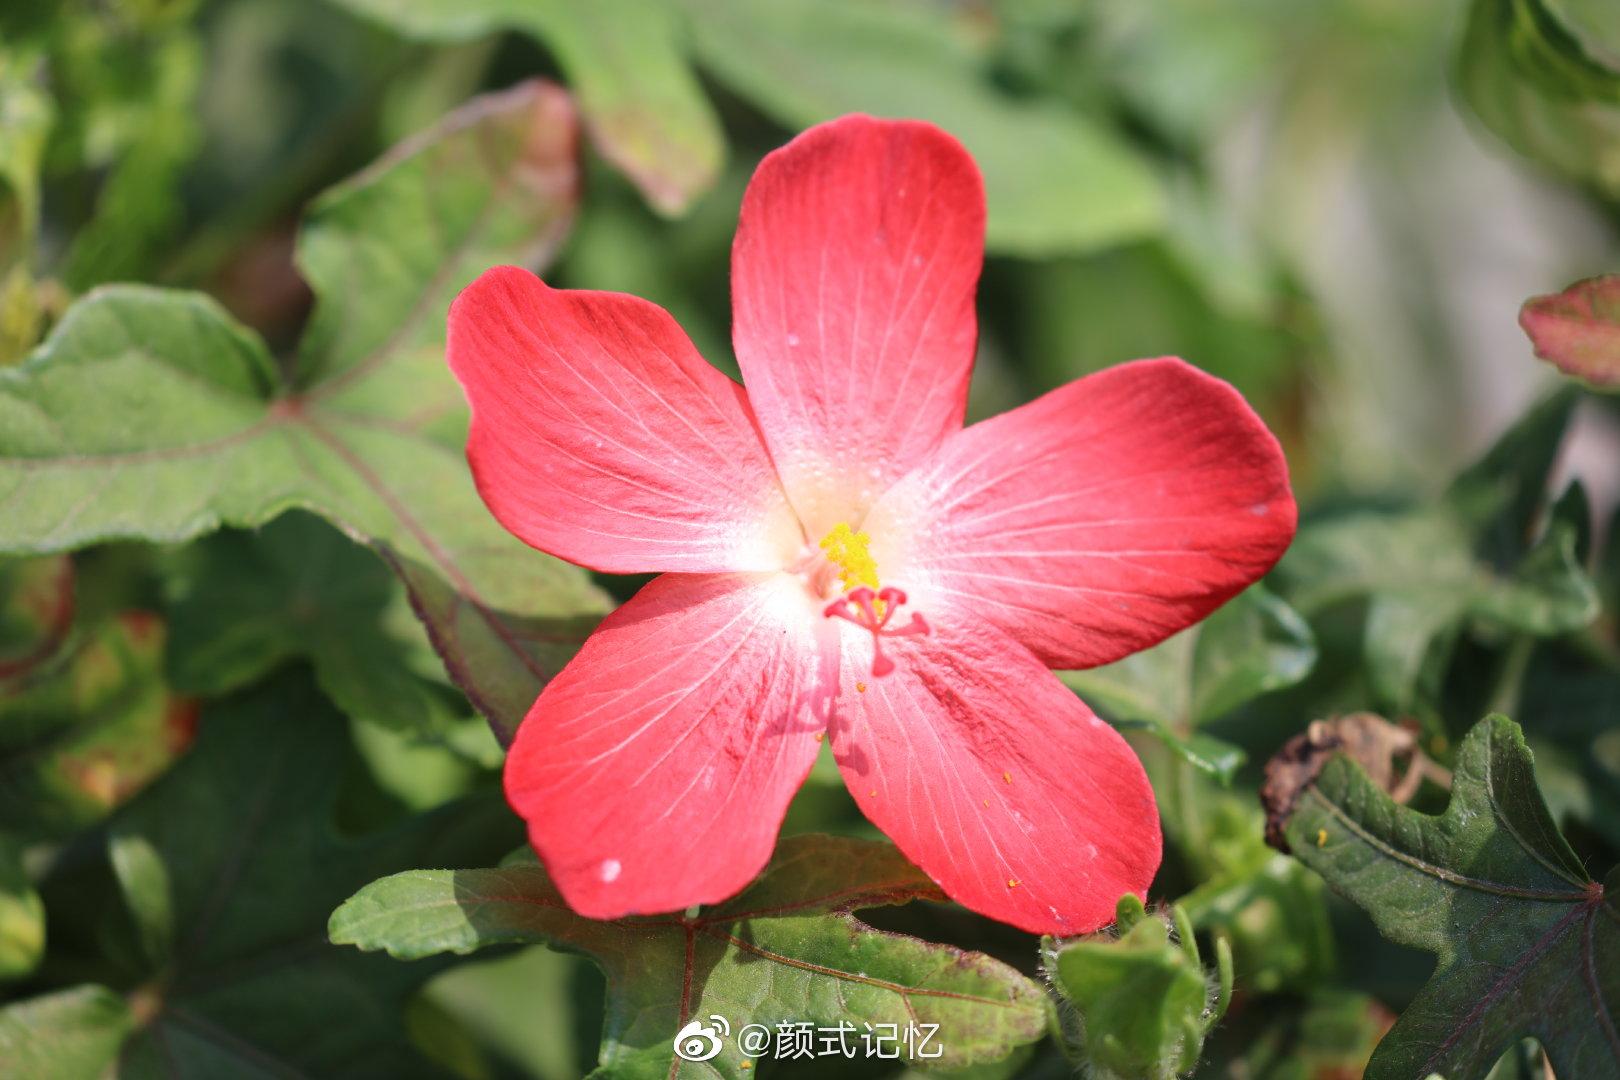 红花马宁(五指山参、箭叶秋葵)。拍摄于广州.华南植物园。